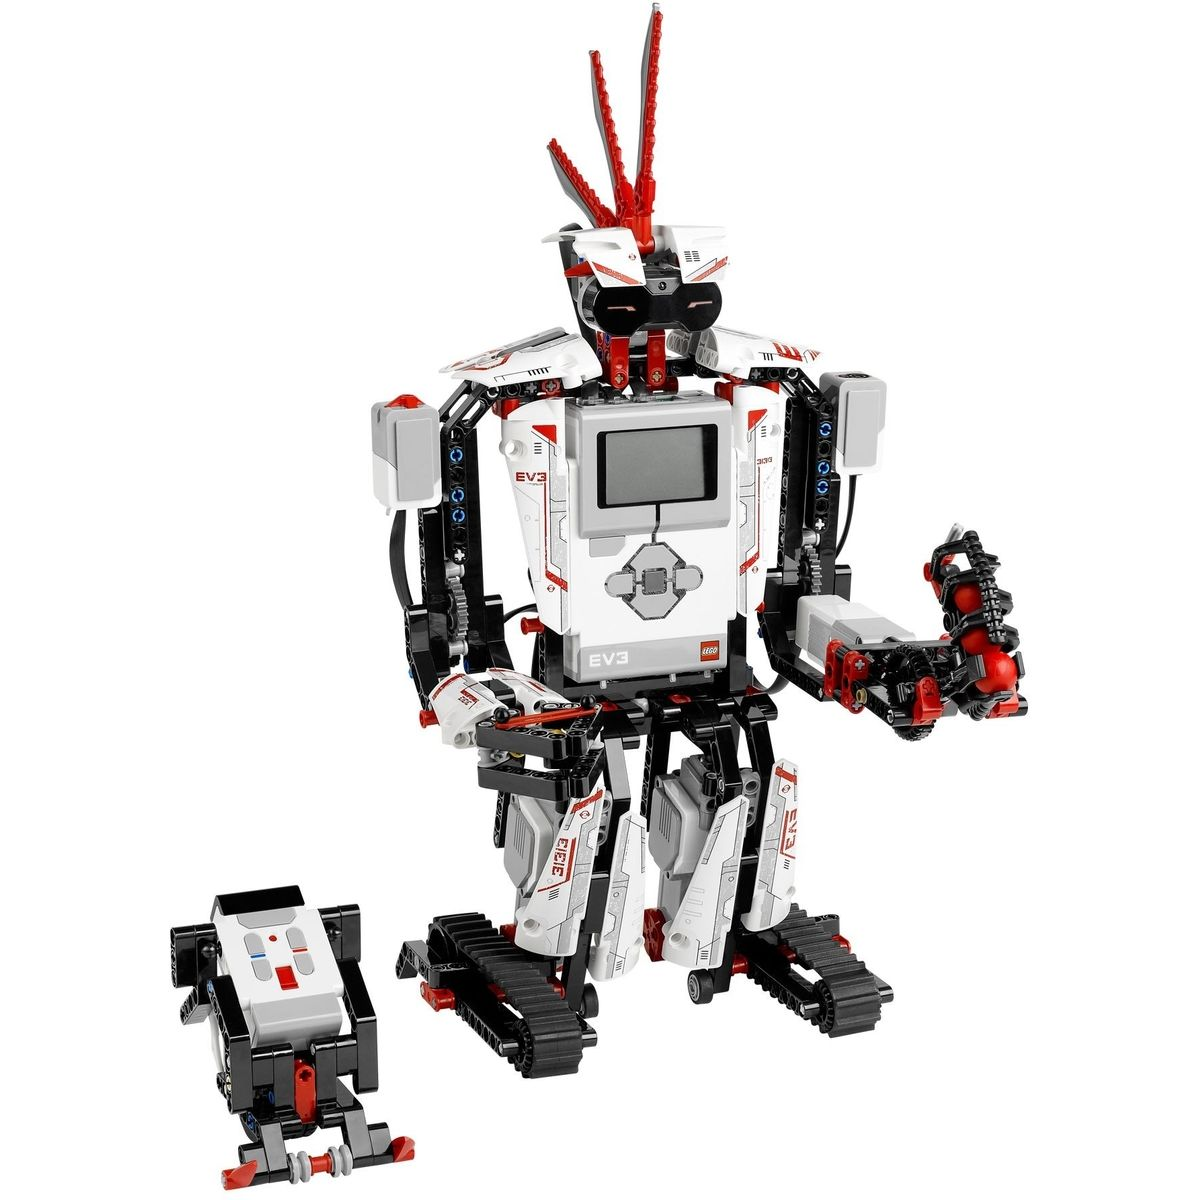 LEGO Mindstorms 31313 EV3